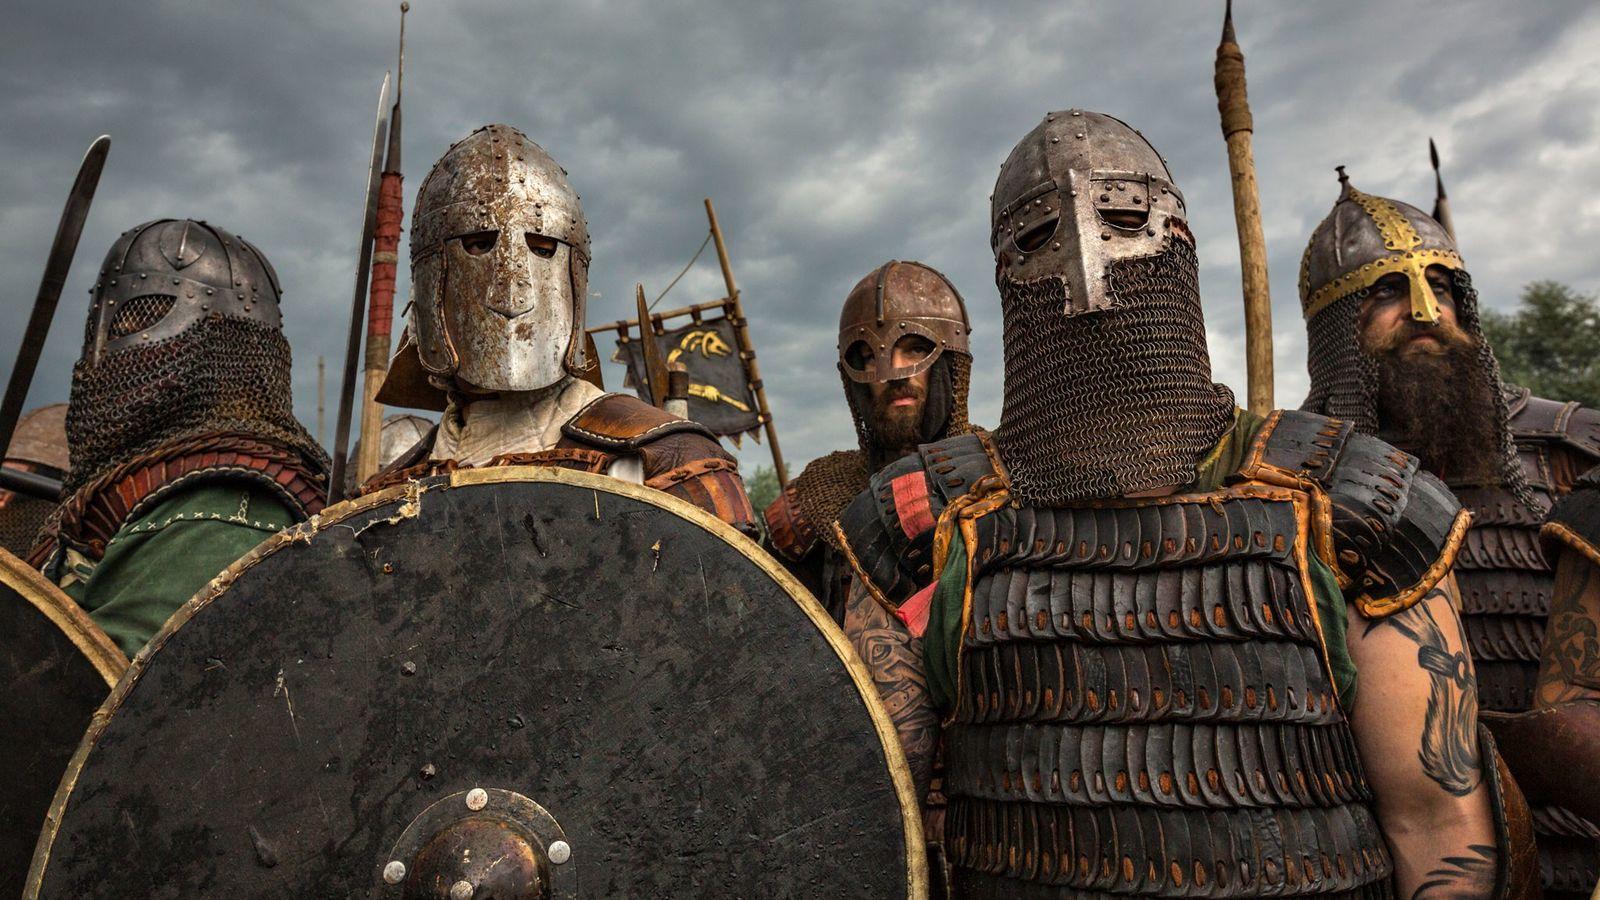 Des acteurs en armure se préparent au combat rapproché pendant le Festival des Slaves et des Vikings ...